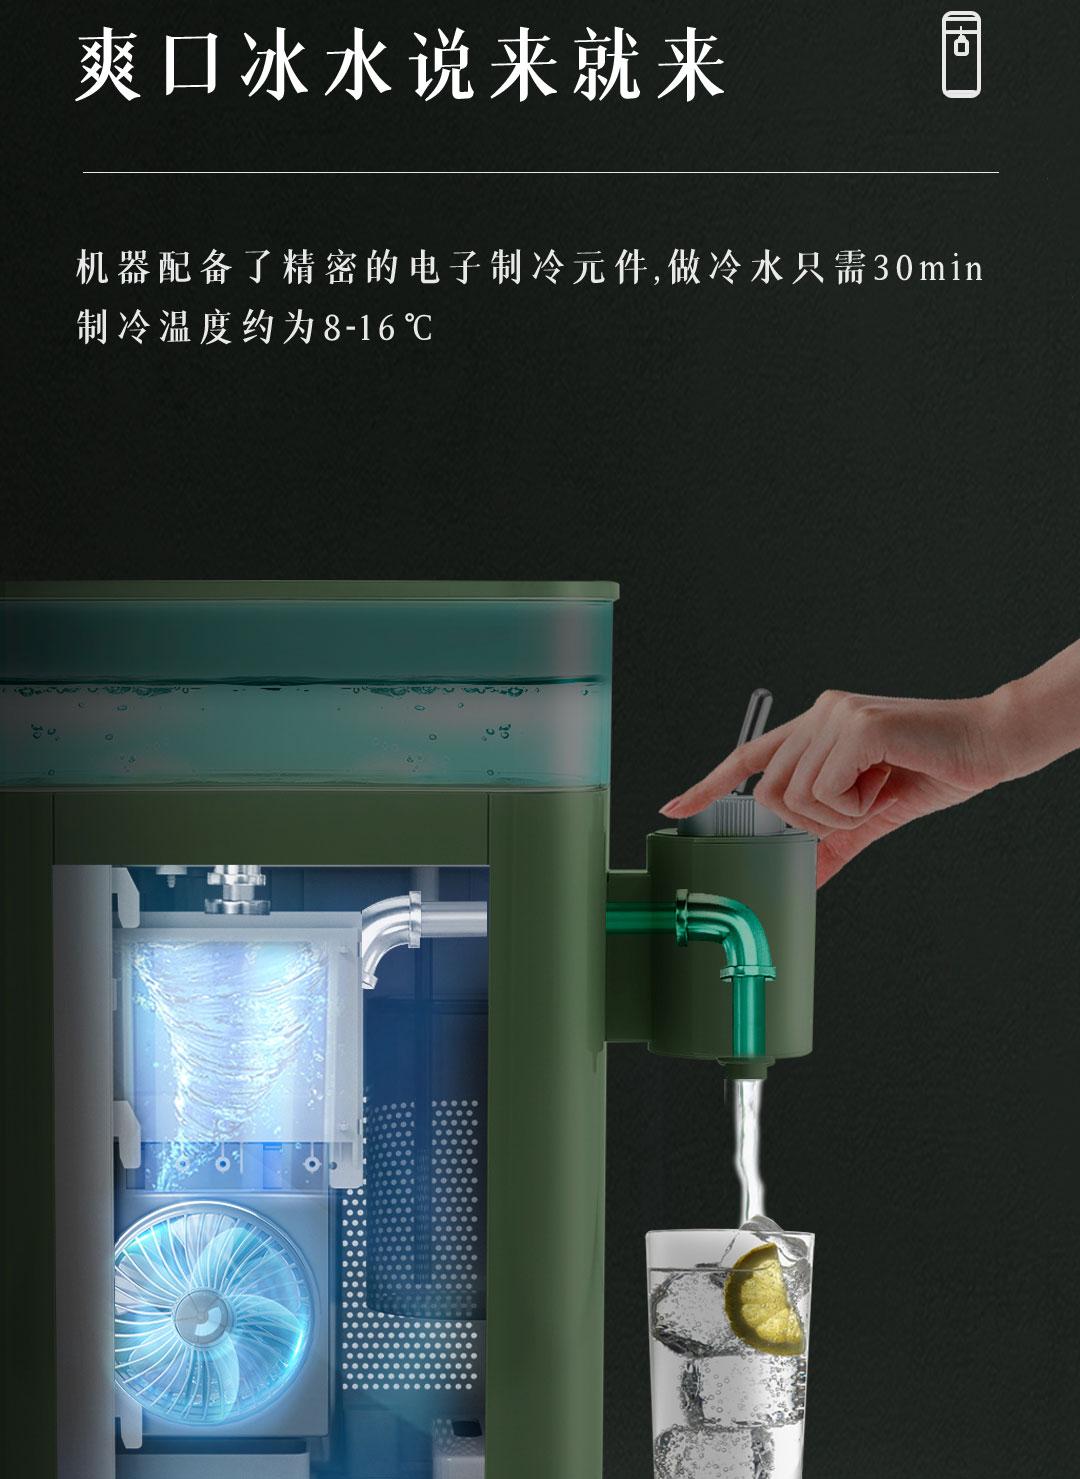 可制冰水,2.5L大容量,冷热两用:艾美特 即热台式饮水机 券后189元包邮,晒图返20元,赠灭蚊灯 买手党-买手聚集的地方